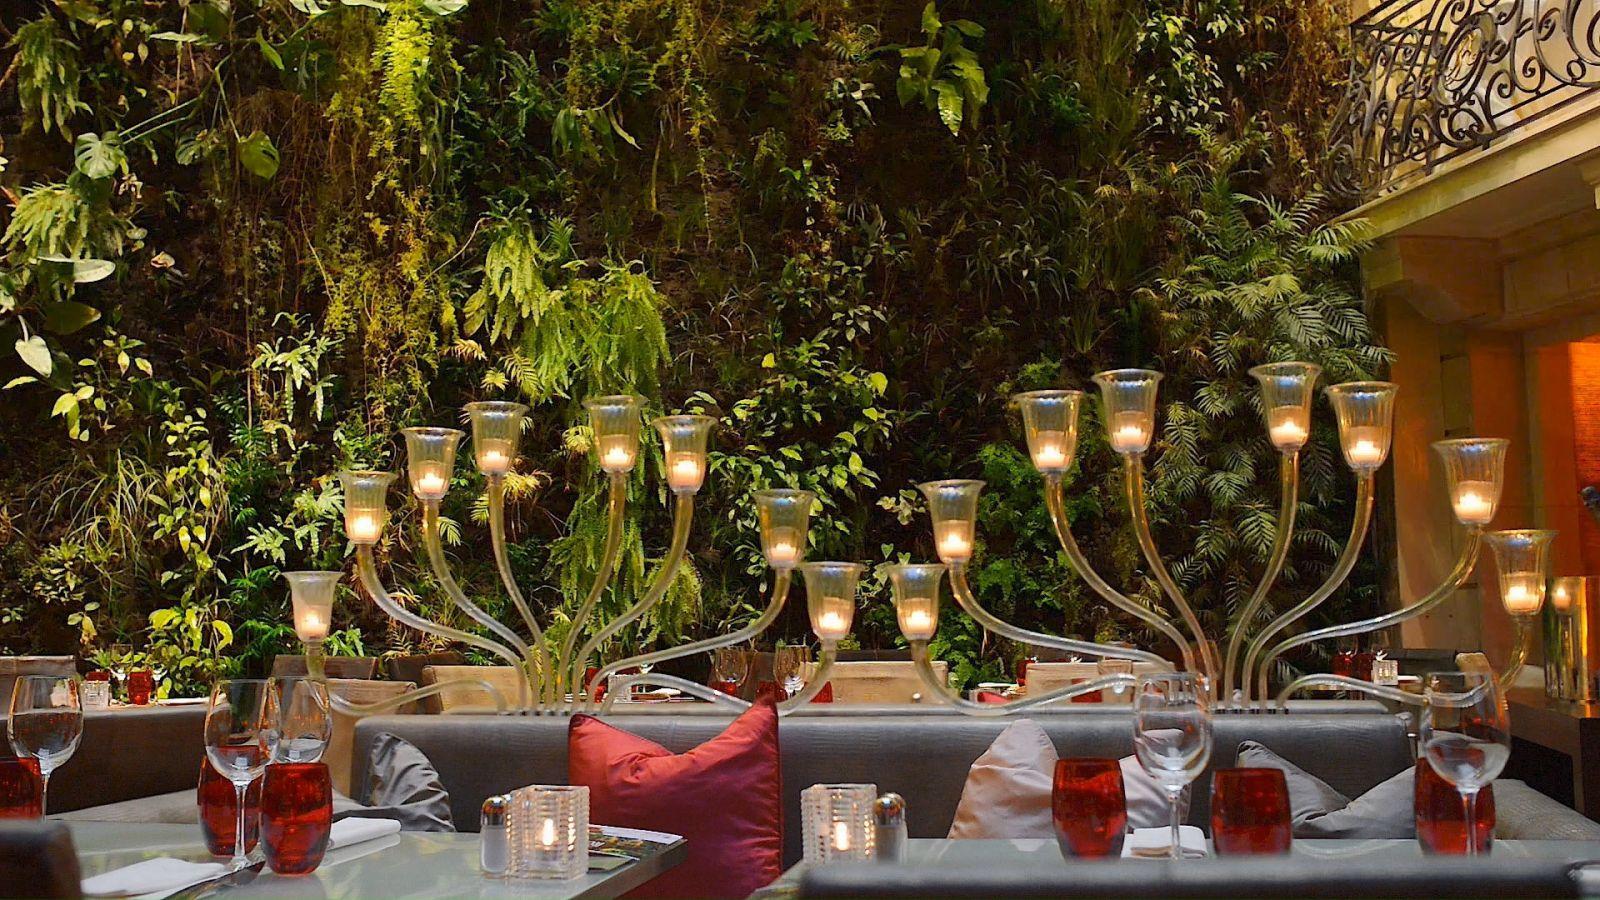 Restaurant Gastronomique Paris 8 232 Me Pershing Hall